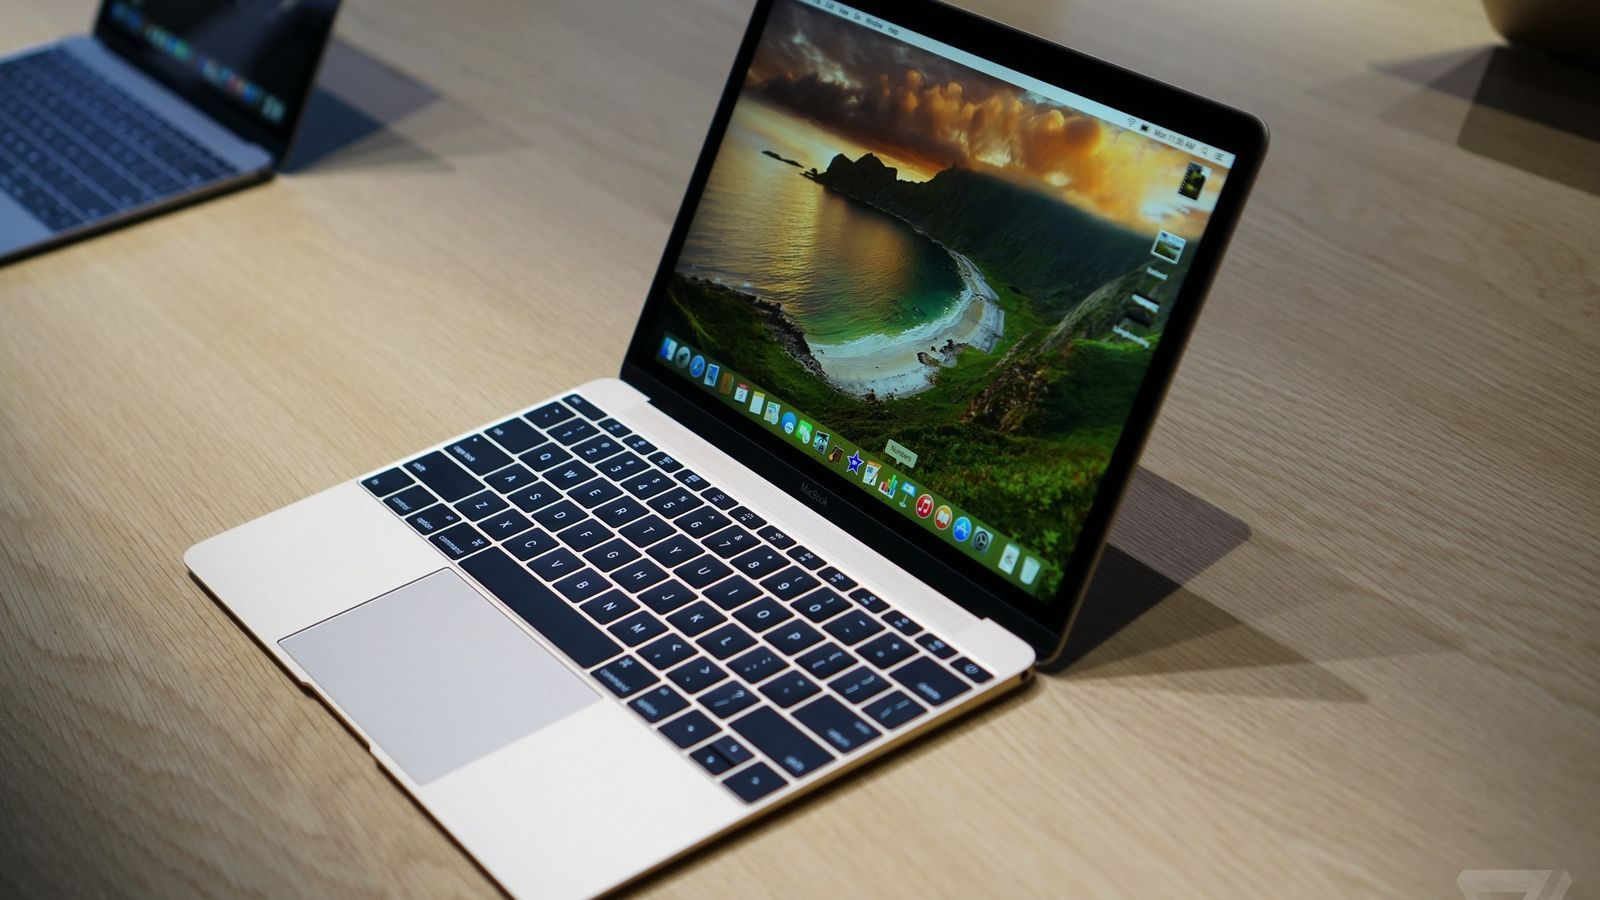 Hands On With The New 12 Inch Macbook With Retina Display Macbook Macbook Retina Apple Laptop